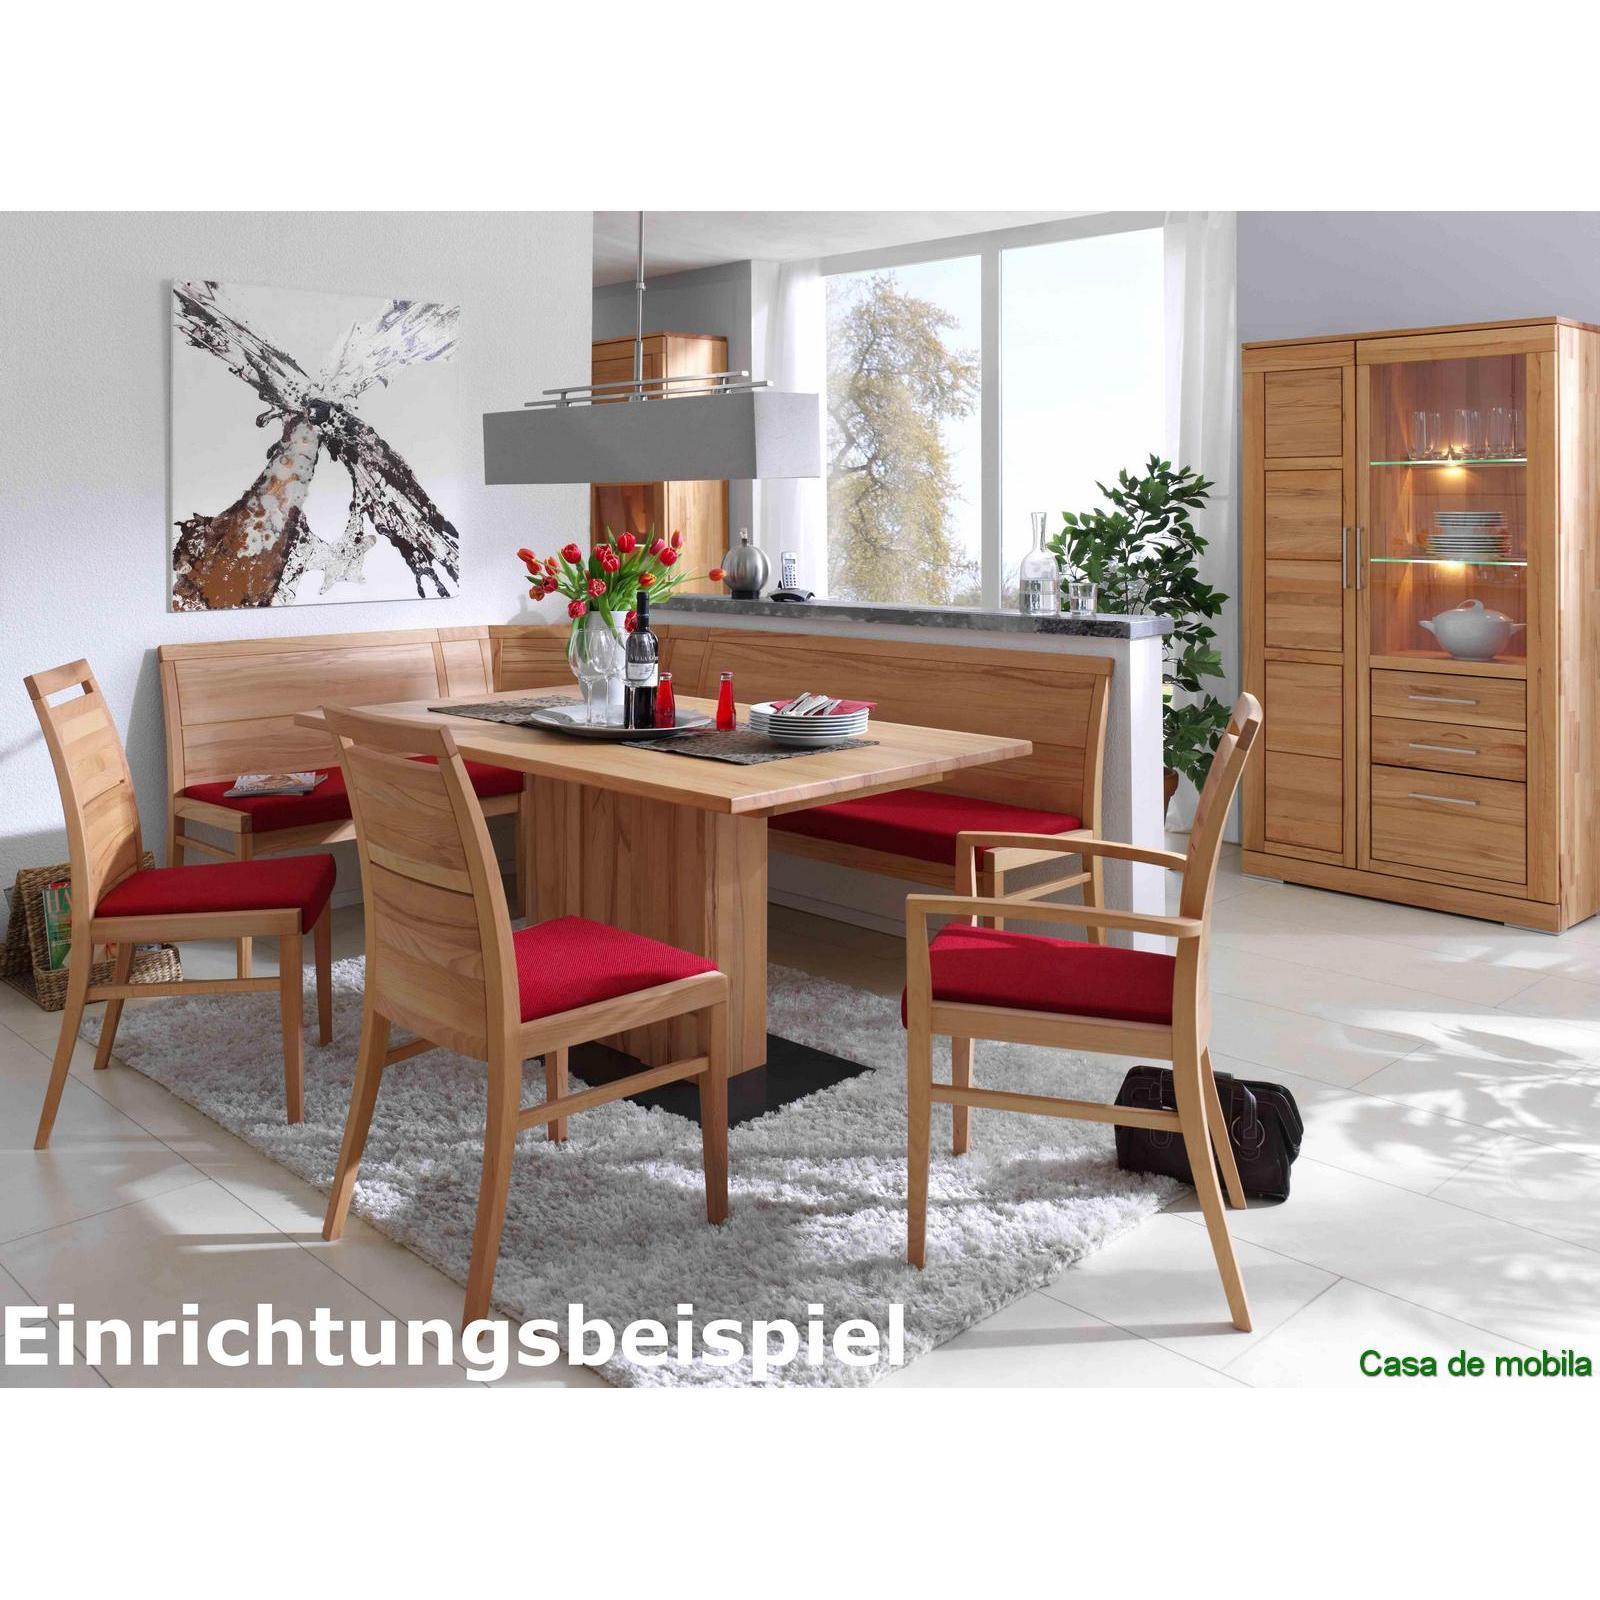 Bank mit Rückenlehne Küchenbank 190 cm. Kernbuche massiv natur geölt CASERA